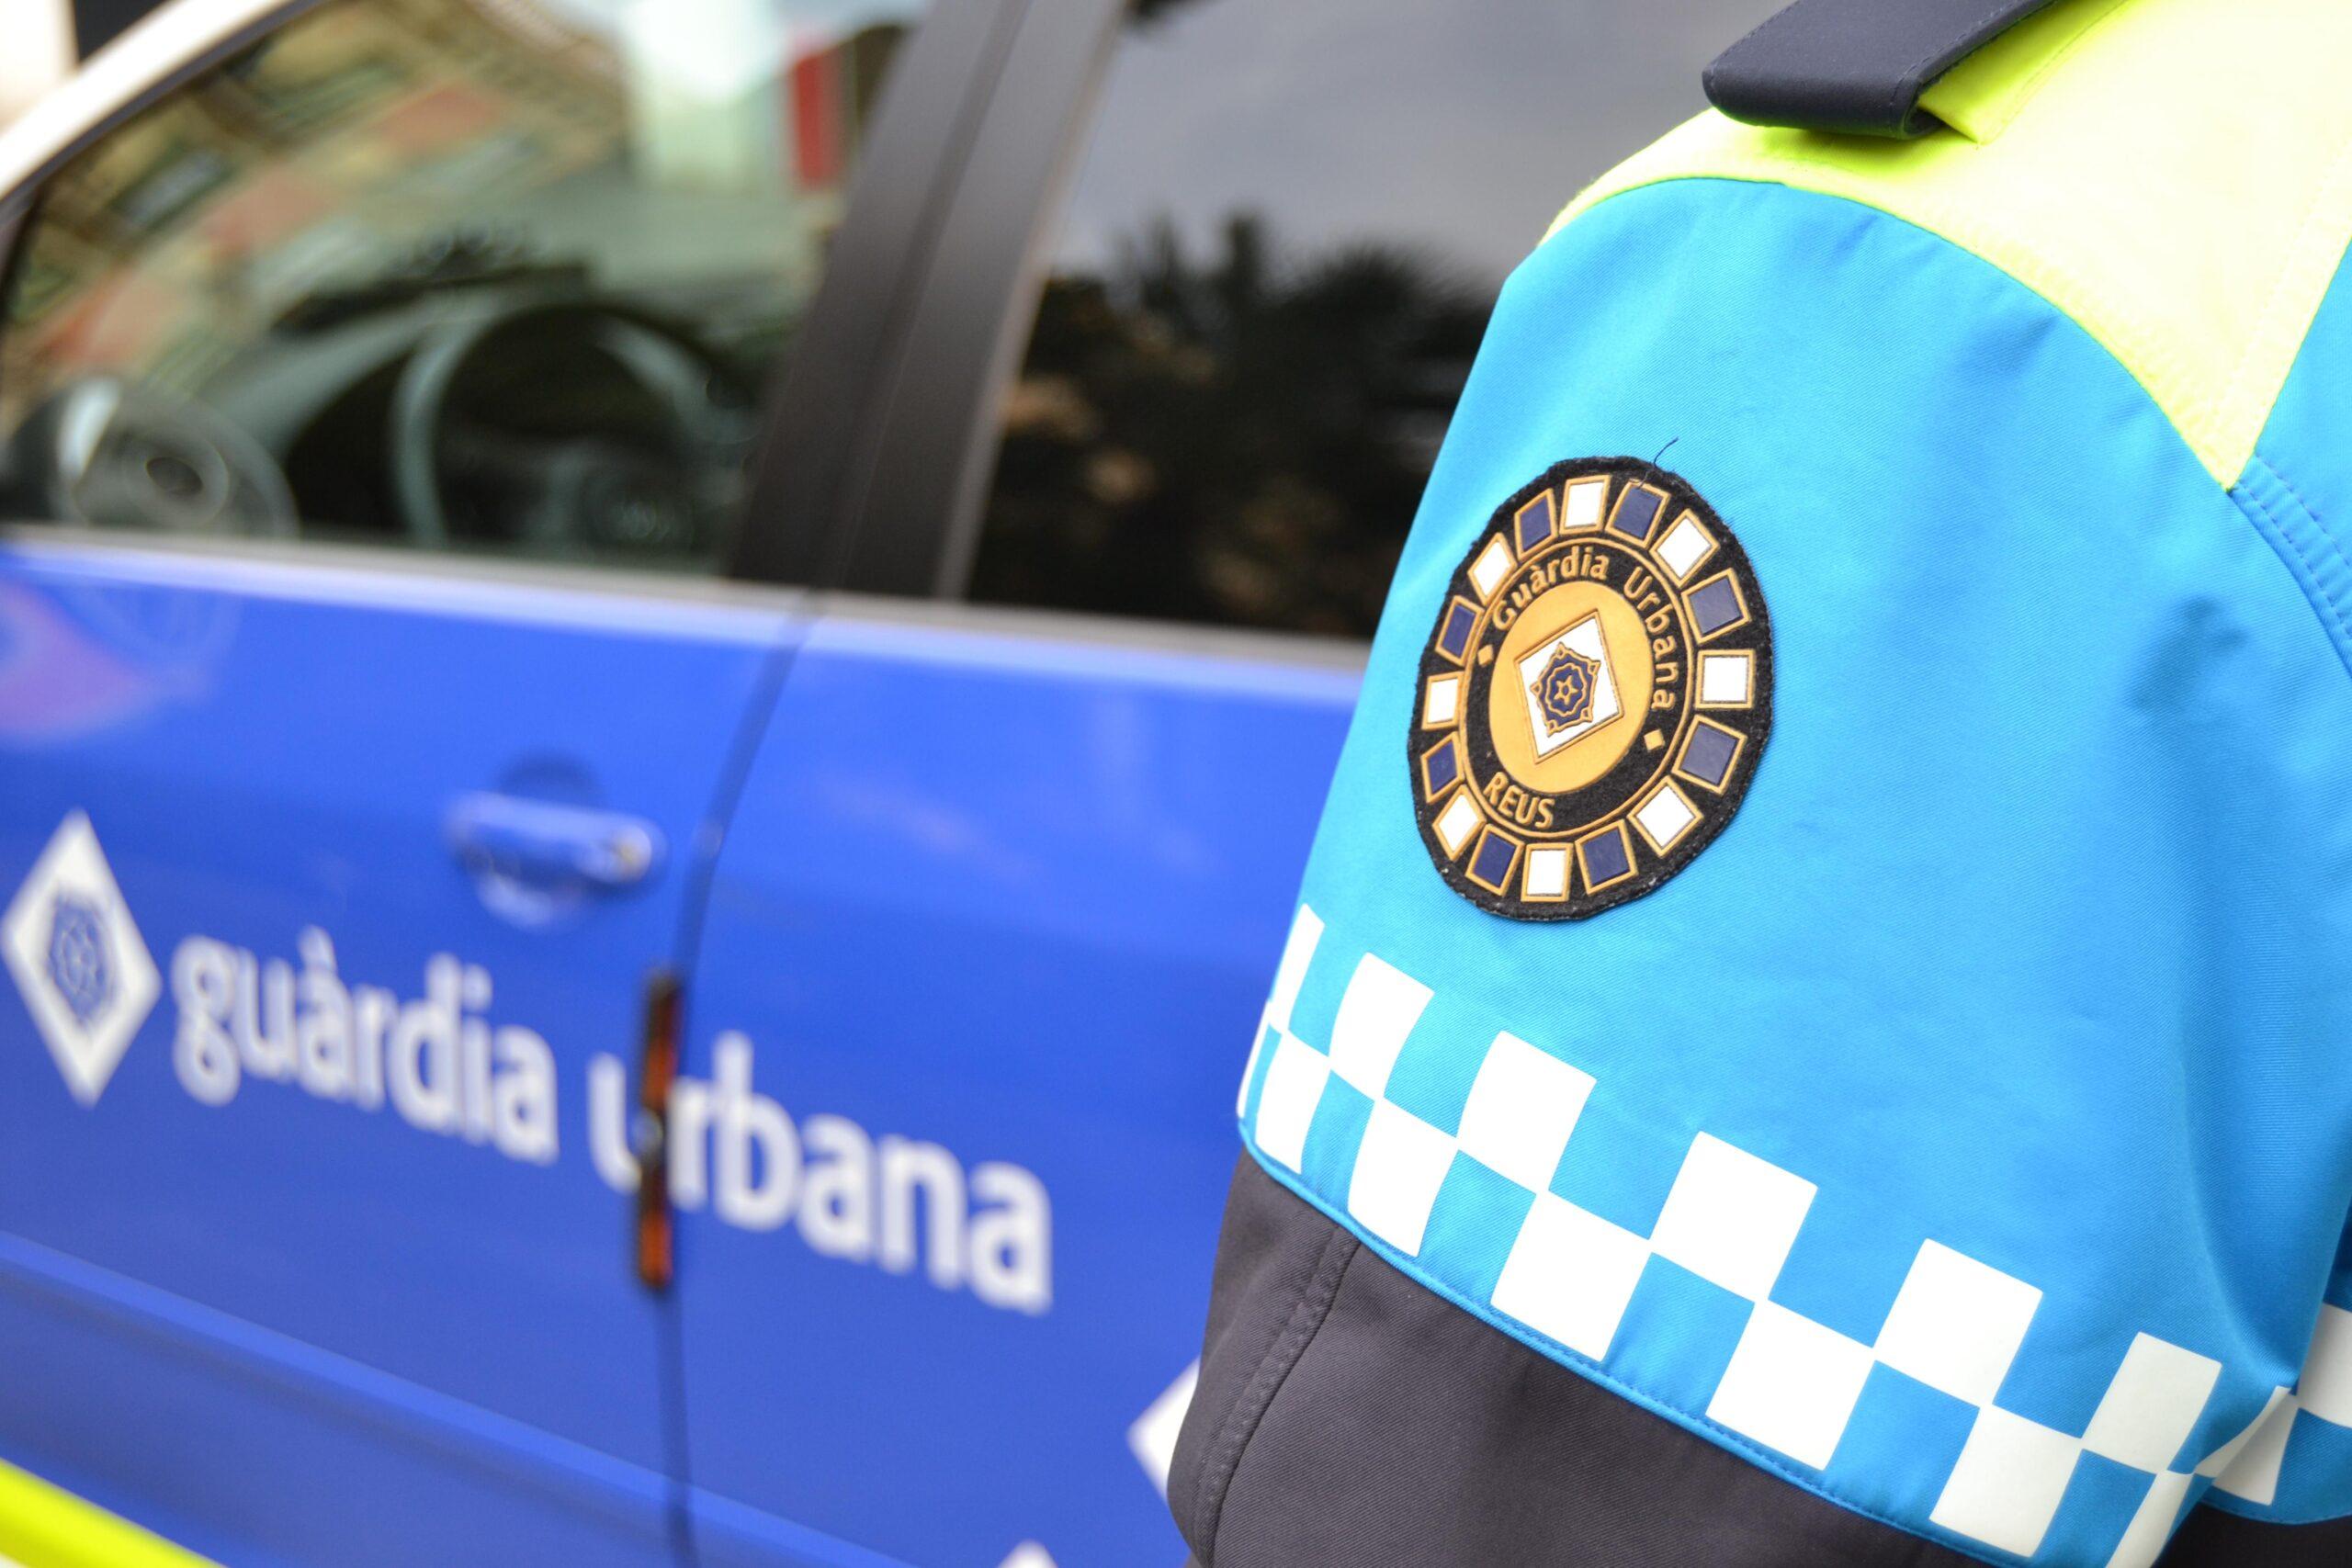 Detall de l'escut de la Guàrdia Urbana de Reus en l'uniforme d'un agent. Imatge publicada el 26 d'agost del 2019. (Horitzontal)